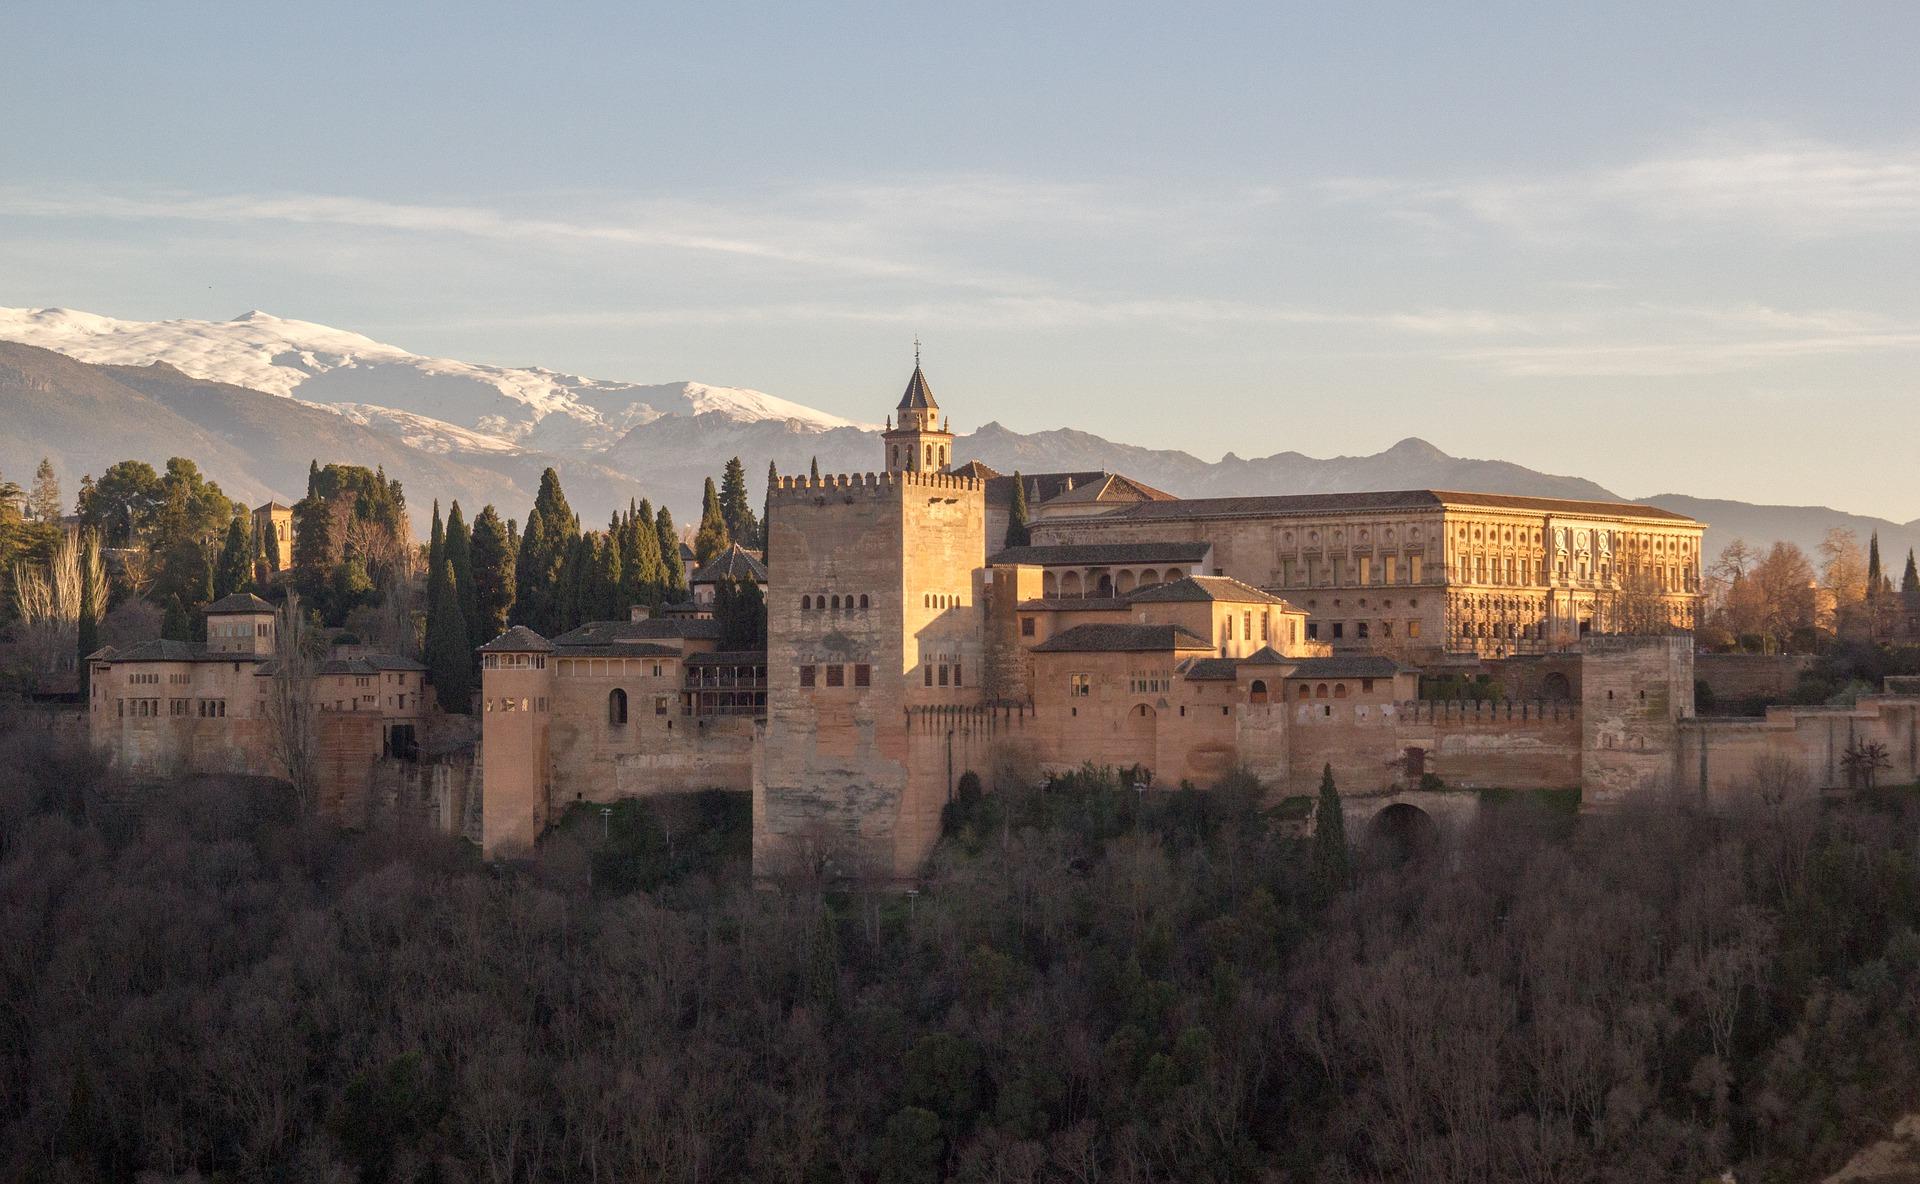 alhambra-3098633_1920.jpg